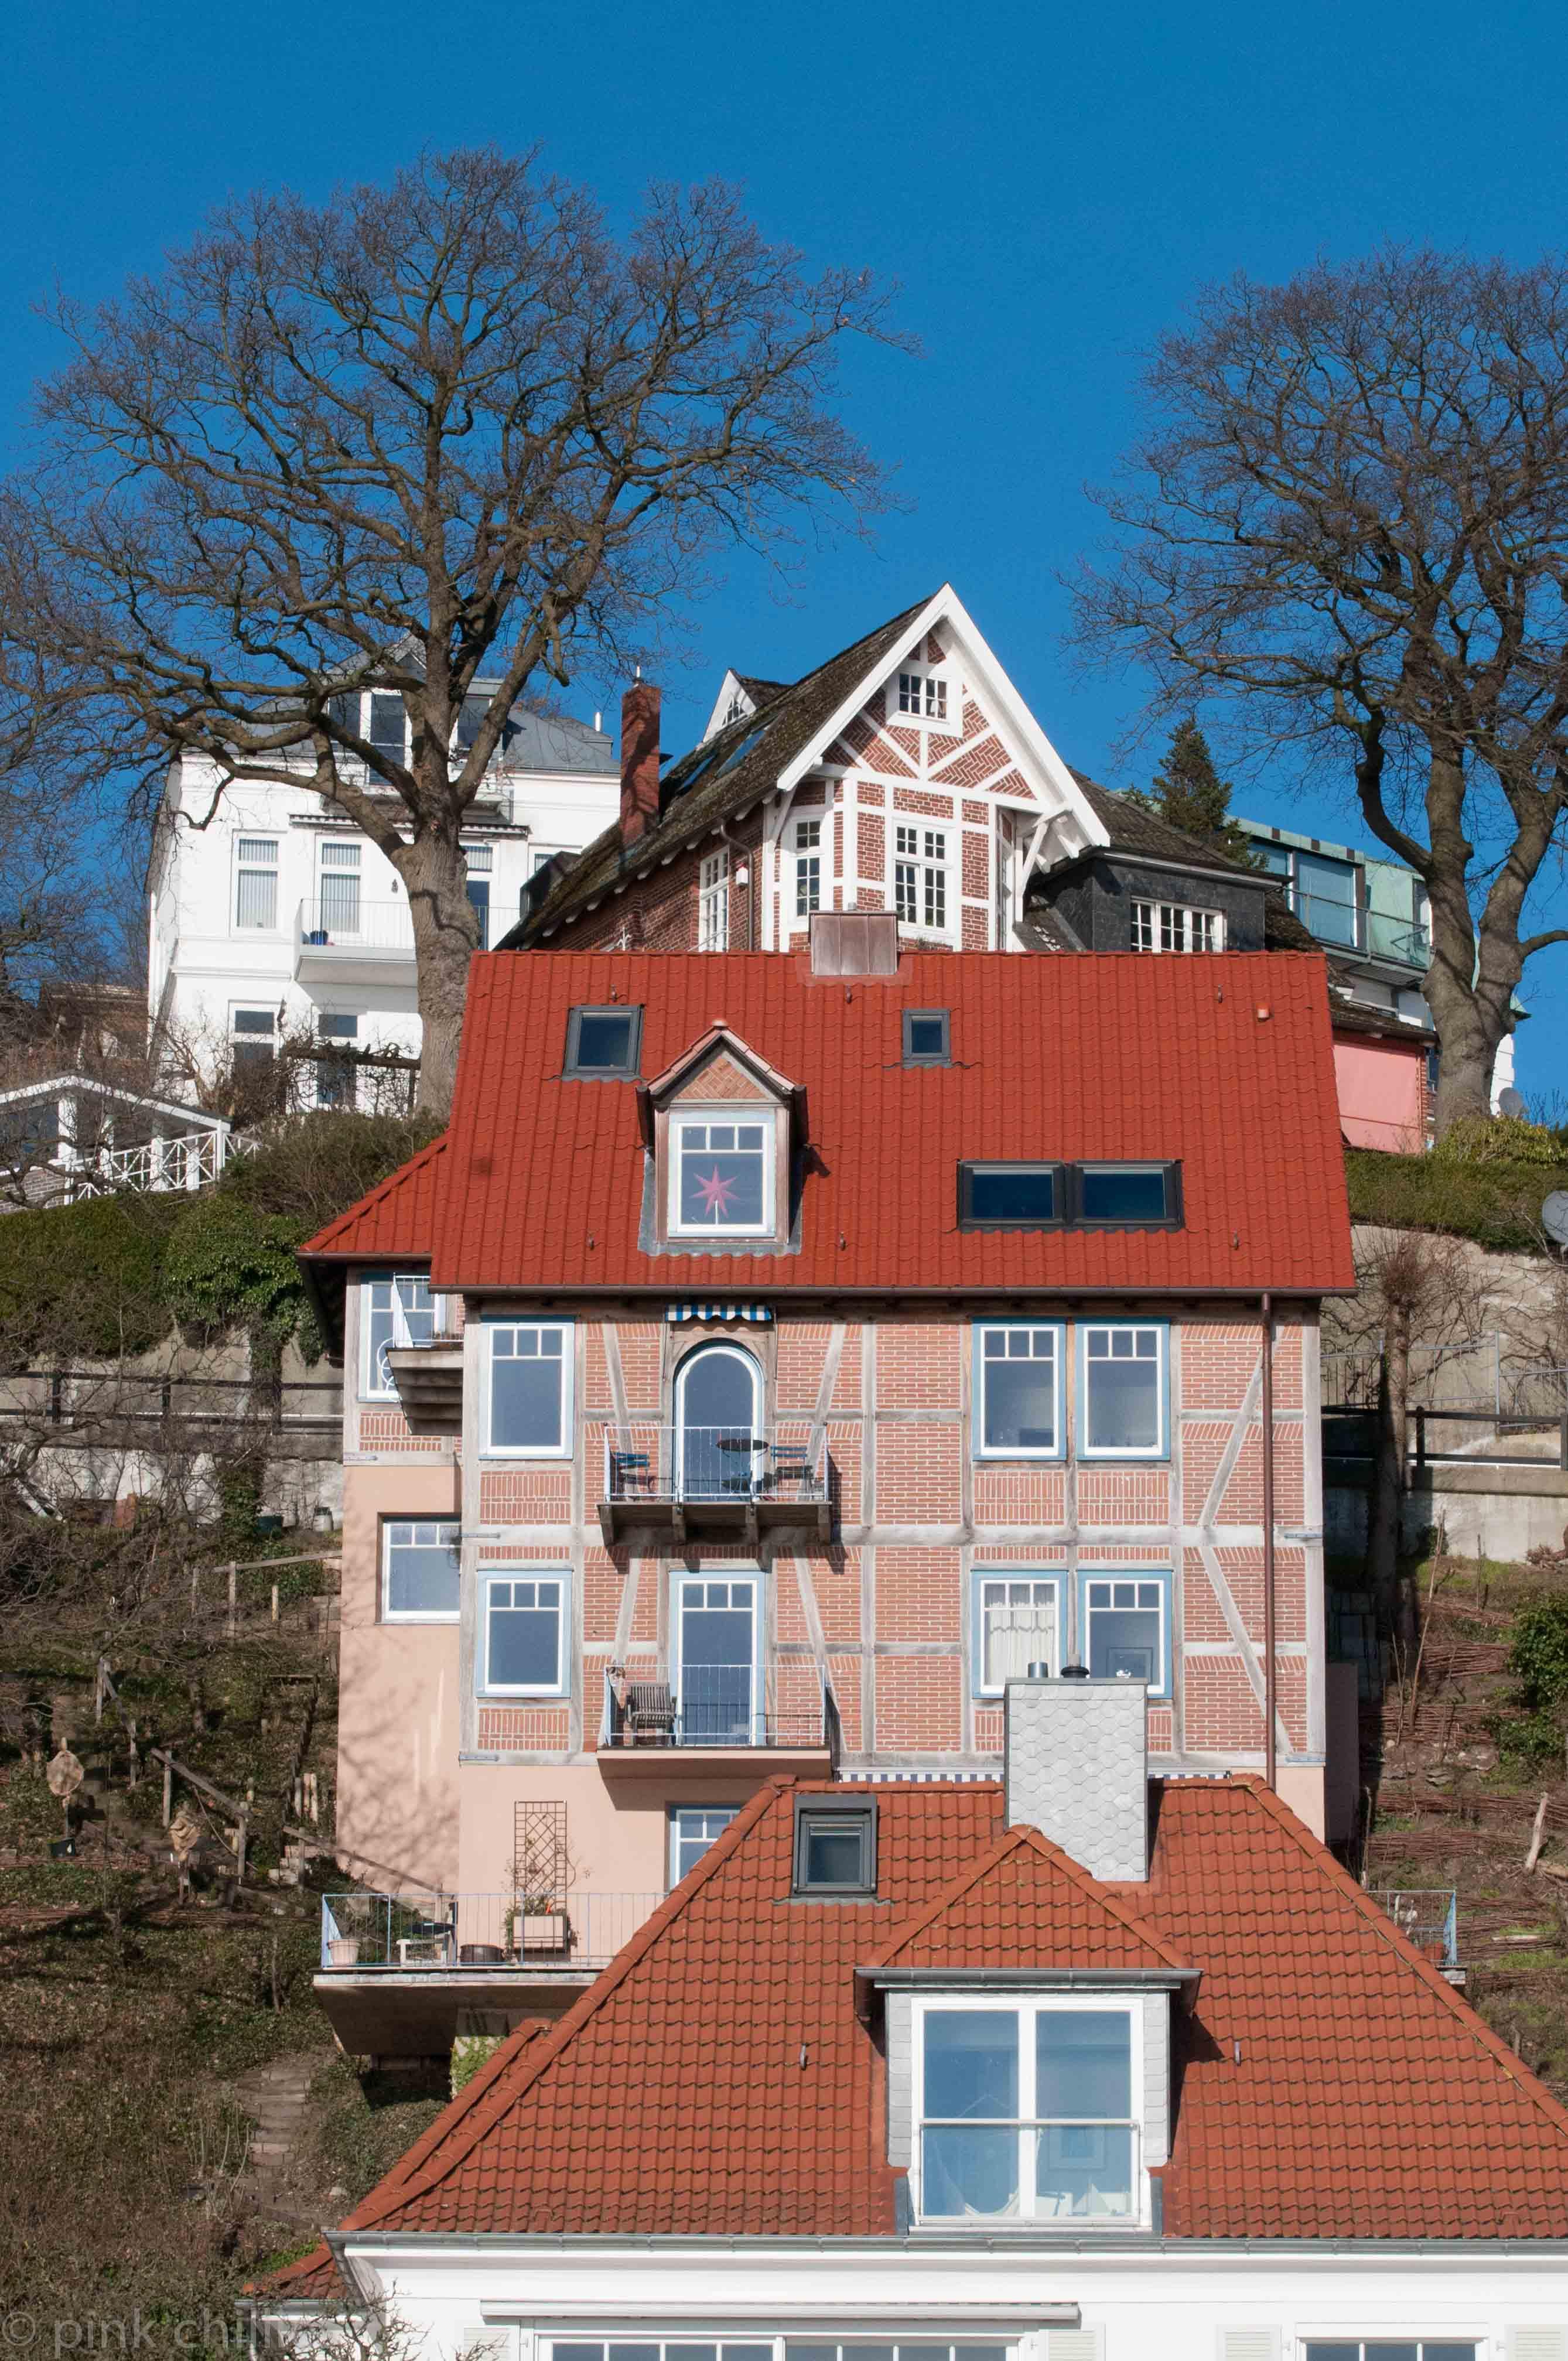 Blankenese Häuser am Hang